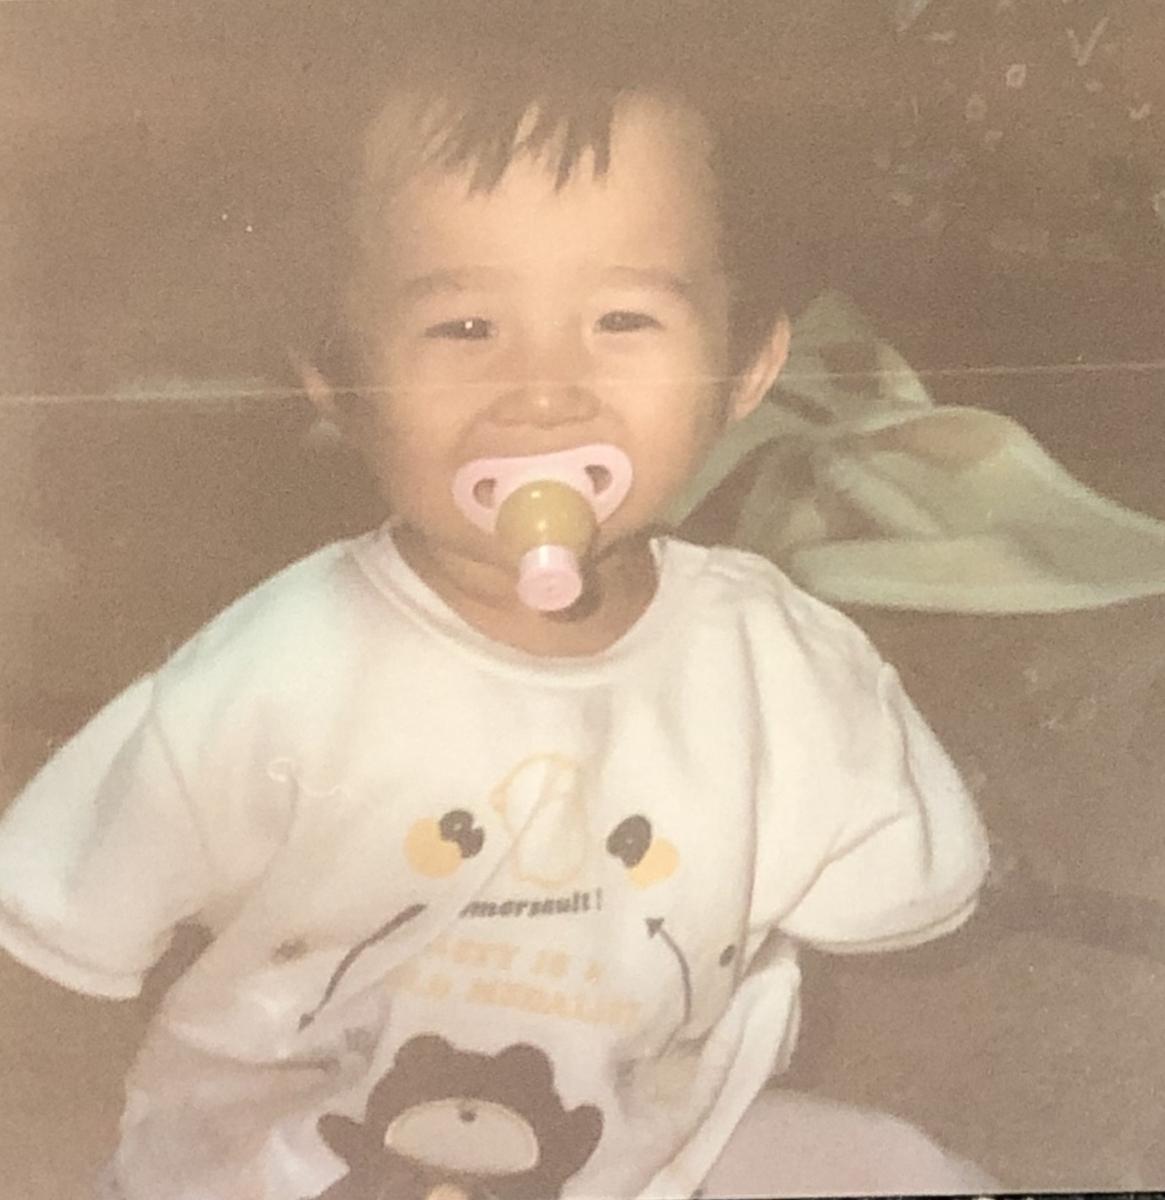 腕のない幼少期の頃の自分の写真